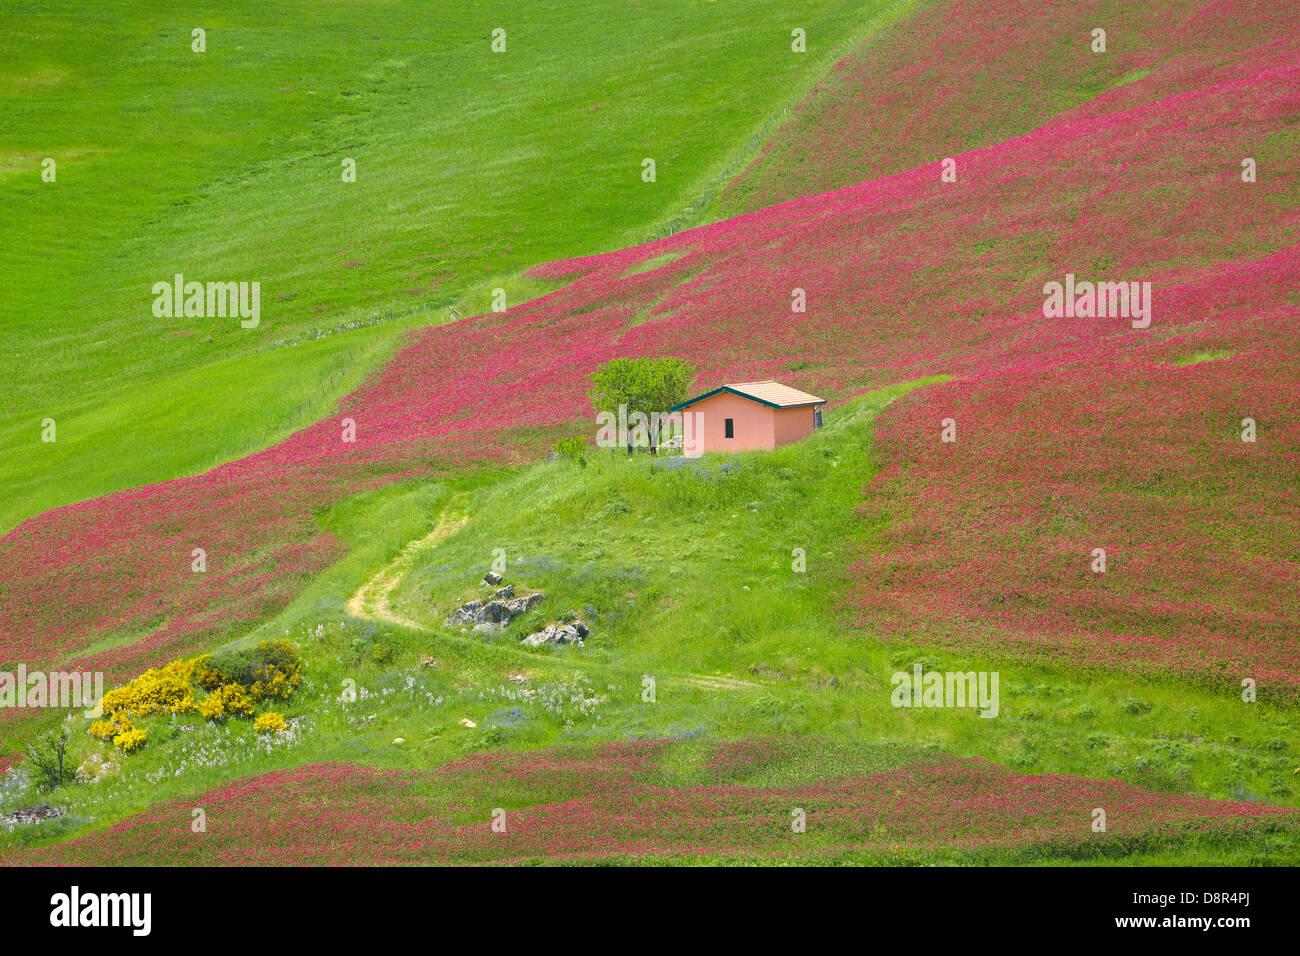 Sicile Paysage de printemps avec des fleurs et des prés dans le centre de la Sicile, Italie Photo Stock